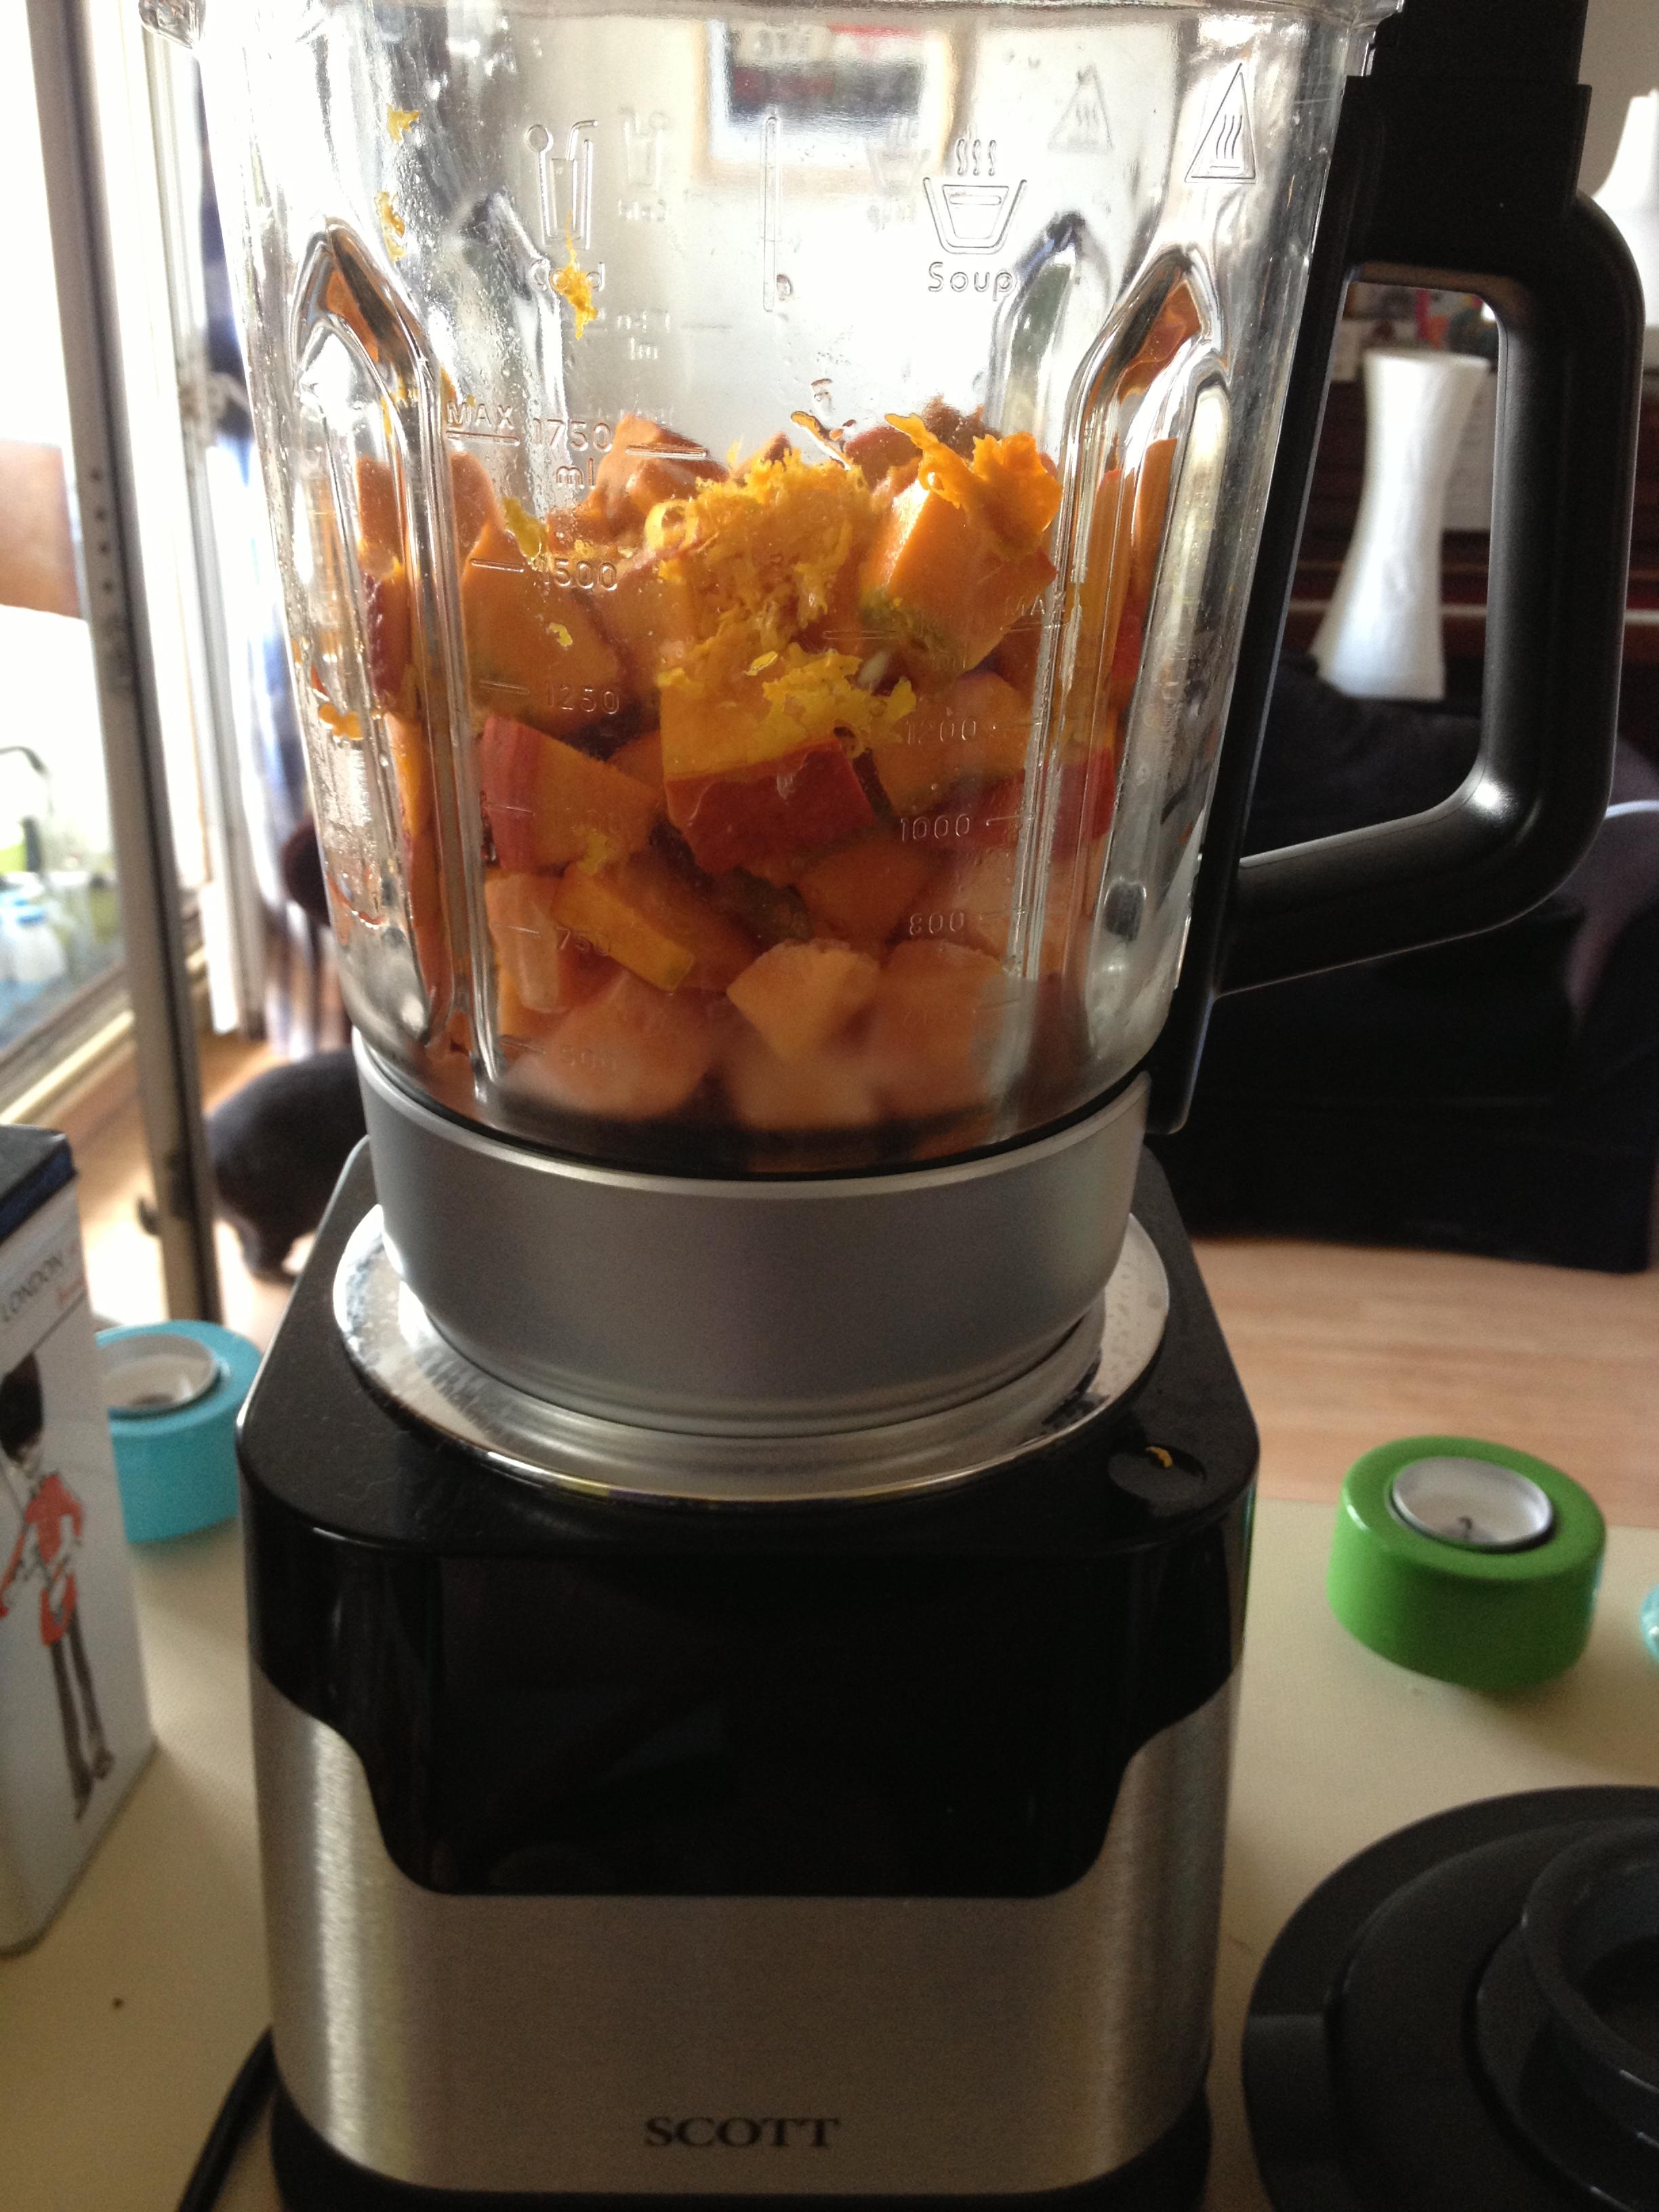 soupe de potimarron patate douce au lait de coco et aux pices avec un zeste d orange go t. Black Bedroom Furniture Sets. Home Design Ideas